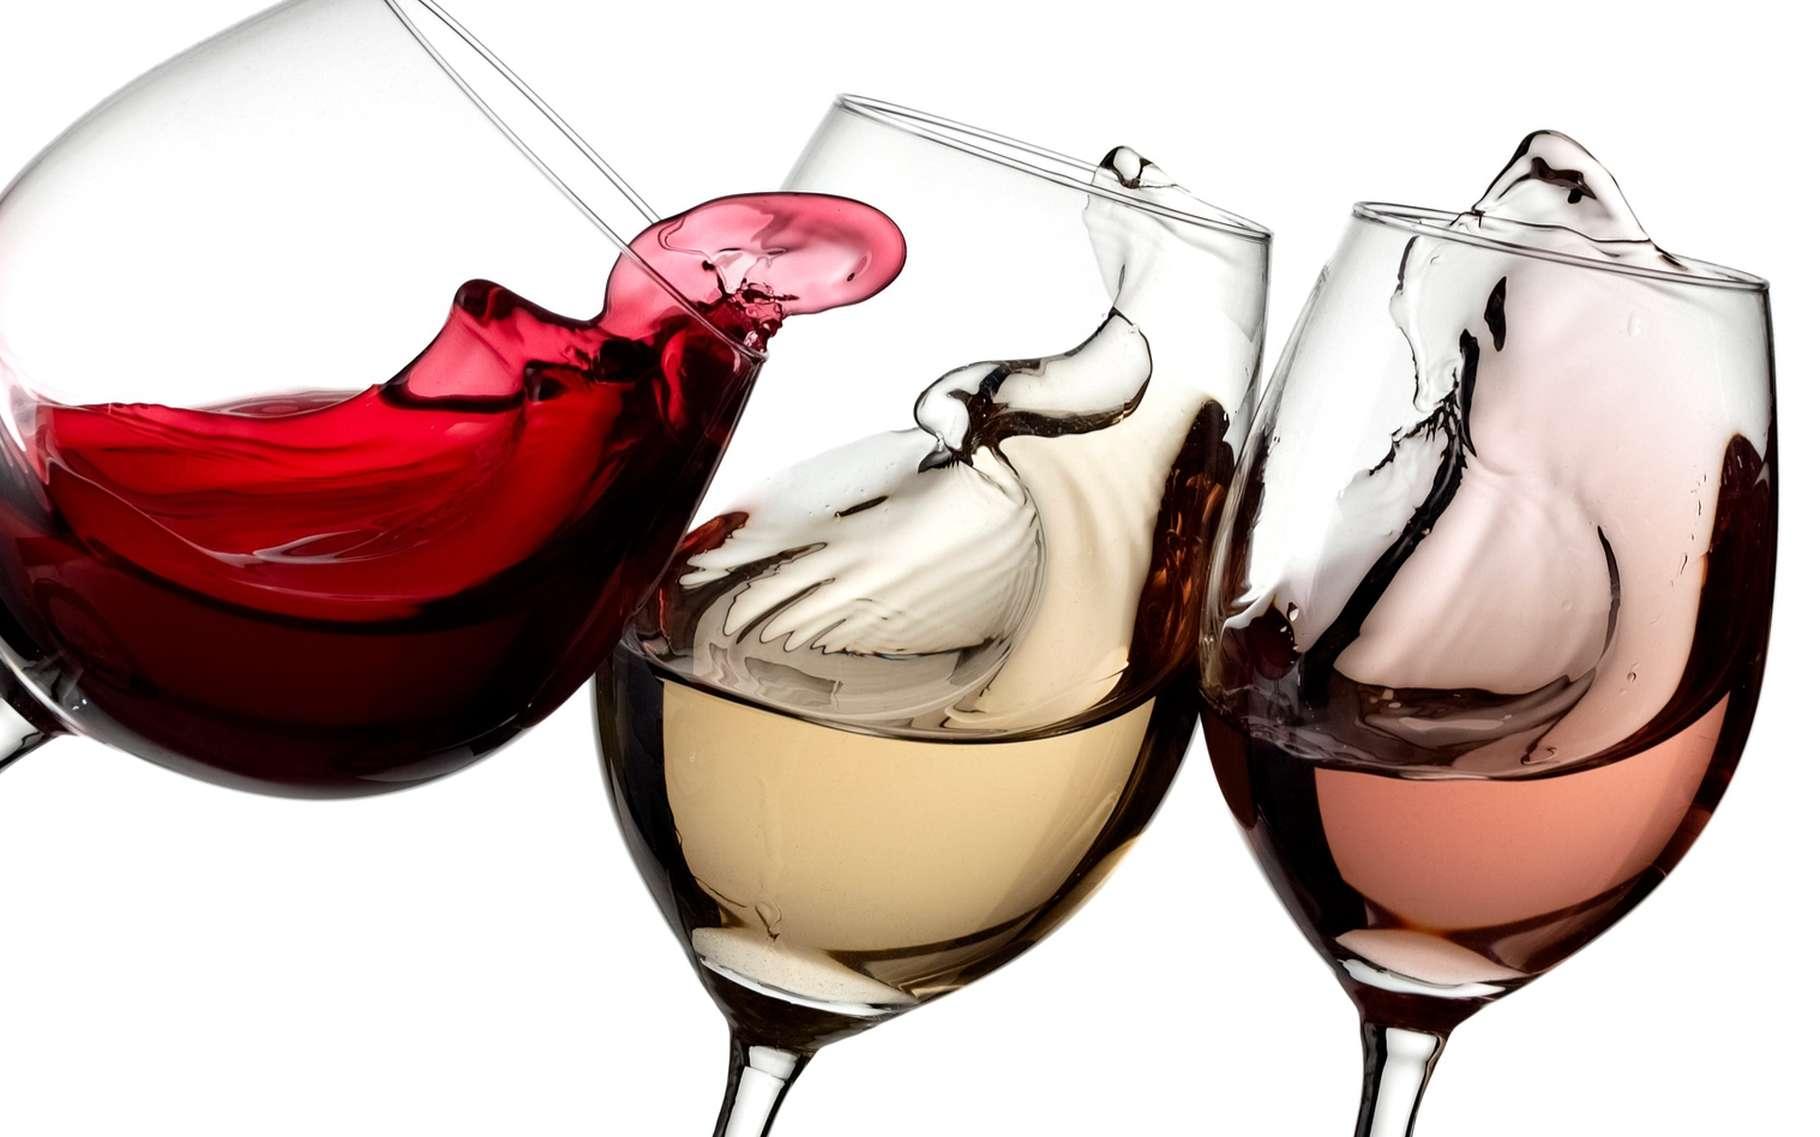 Ce n'est pas seulement leur couleur qui différencie vin rouge, vin blanc et vin rosé. © Mariyana M, Shutterstock